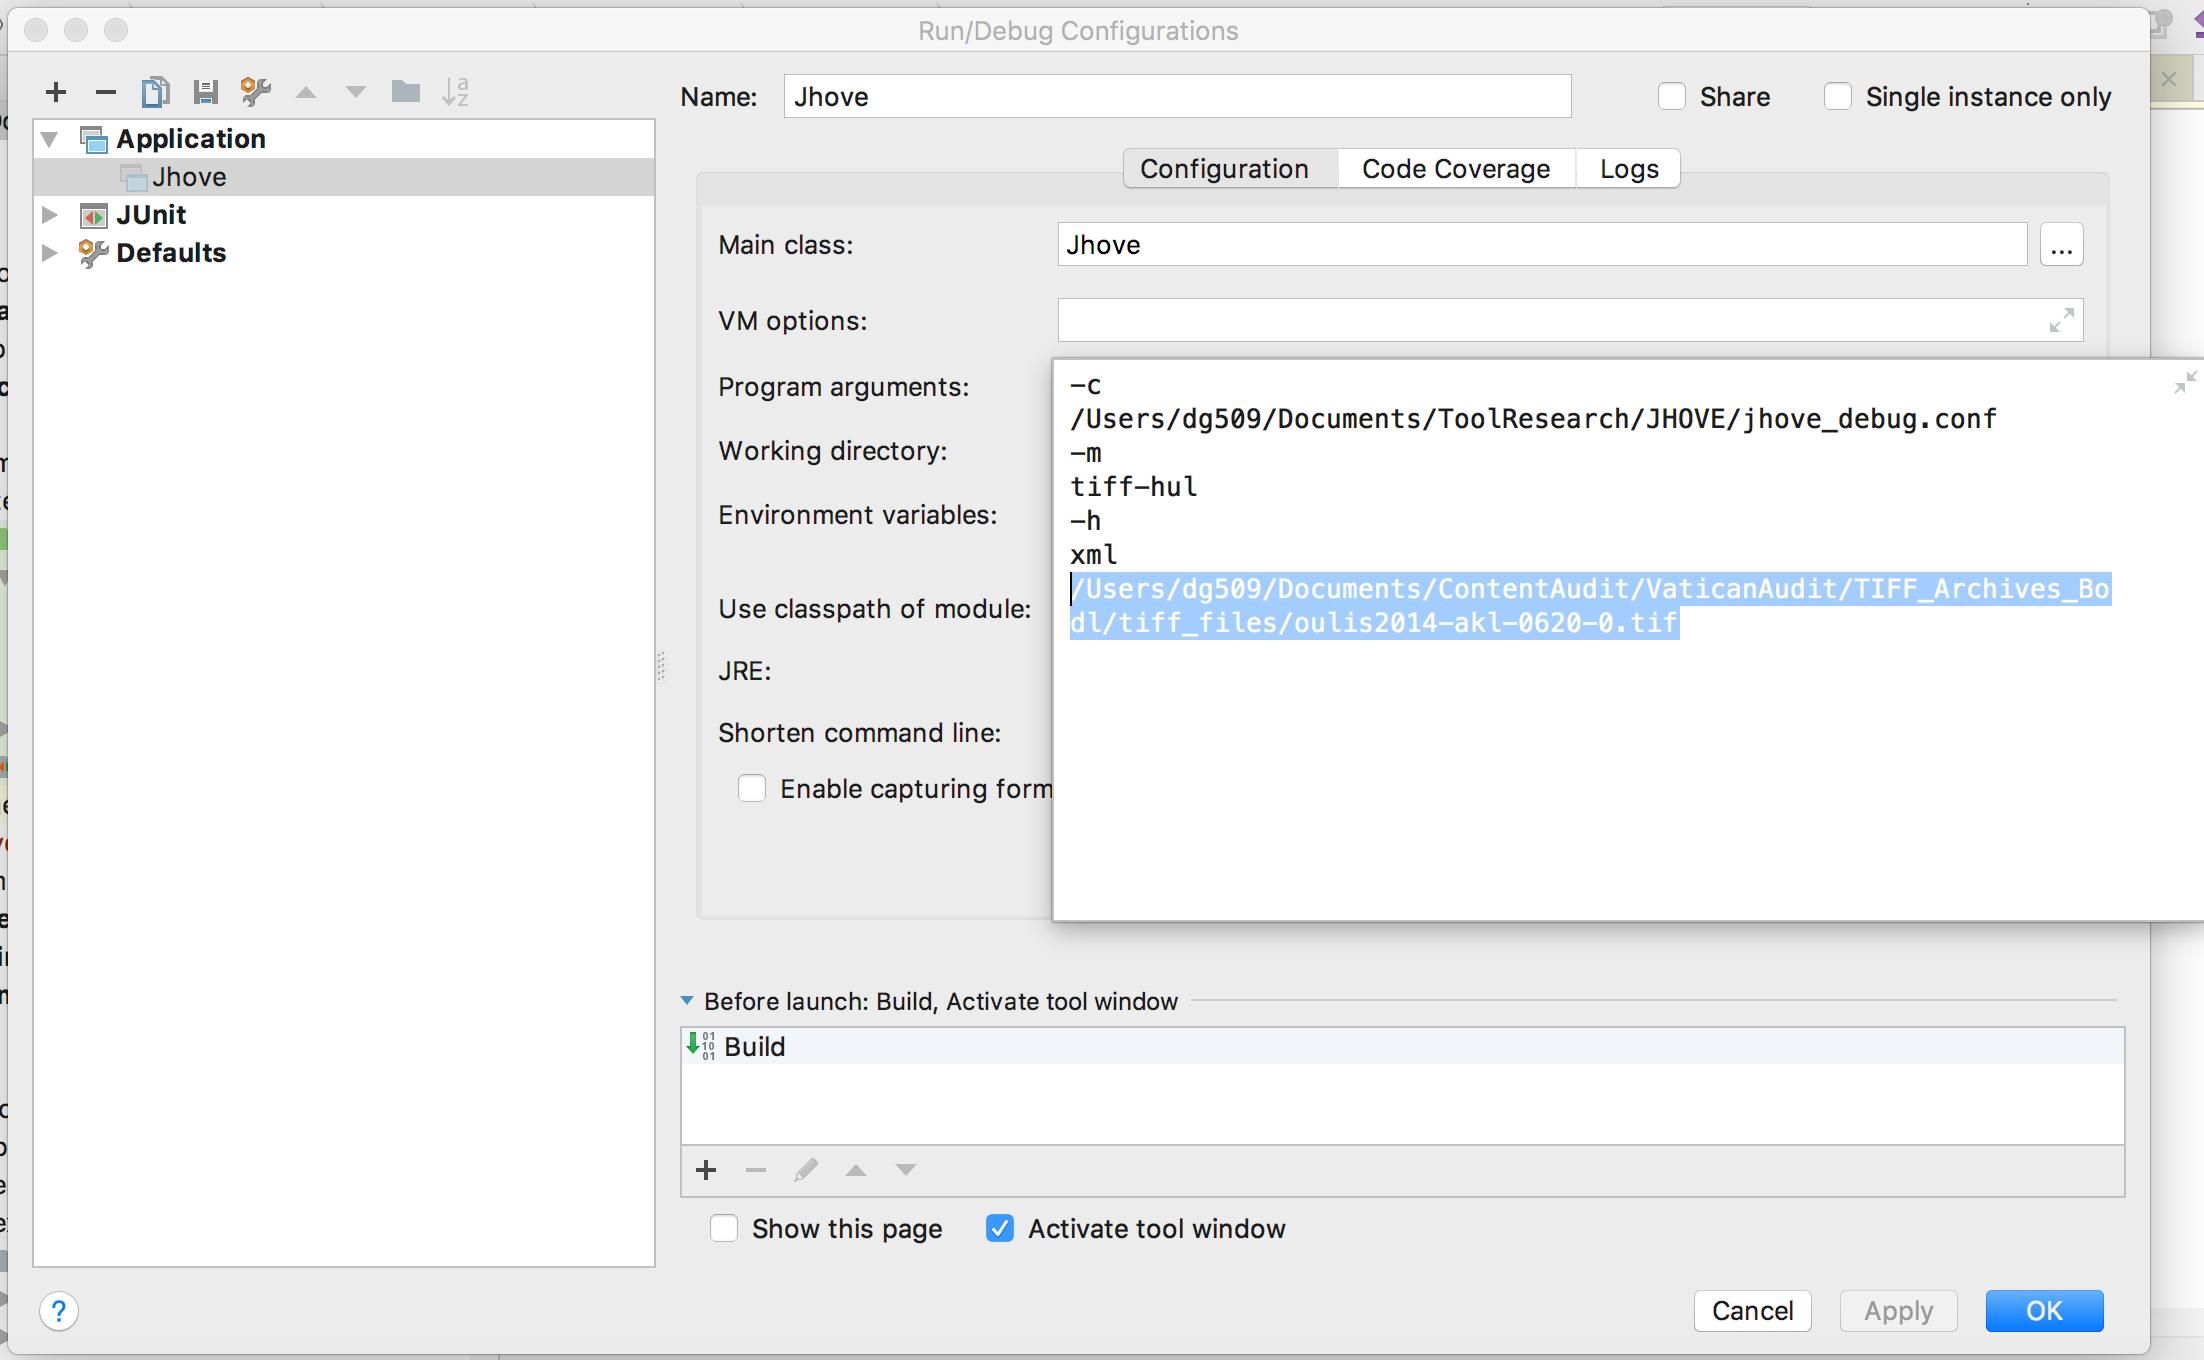 Adding a config file parameter